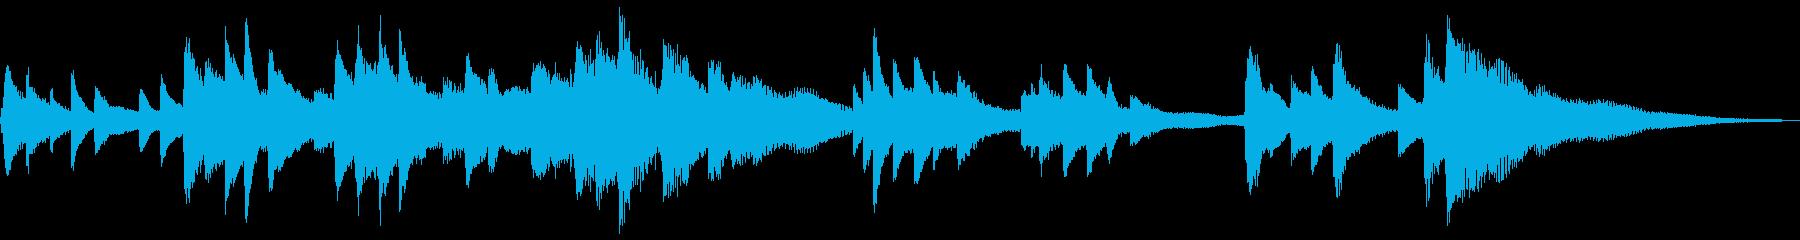 和風のジングル2-ピアノソロの再生済みの波形